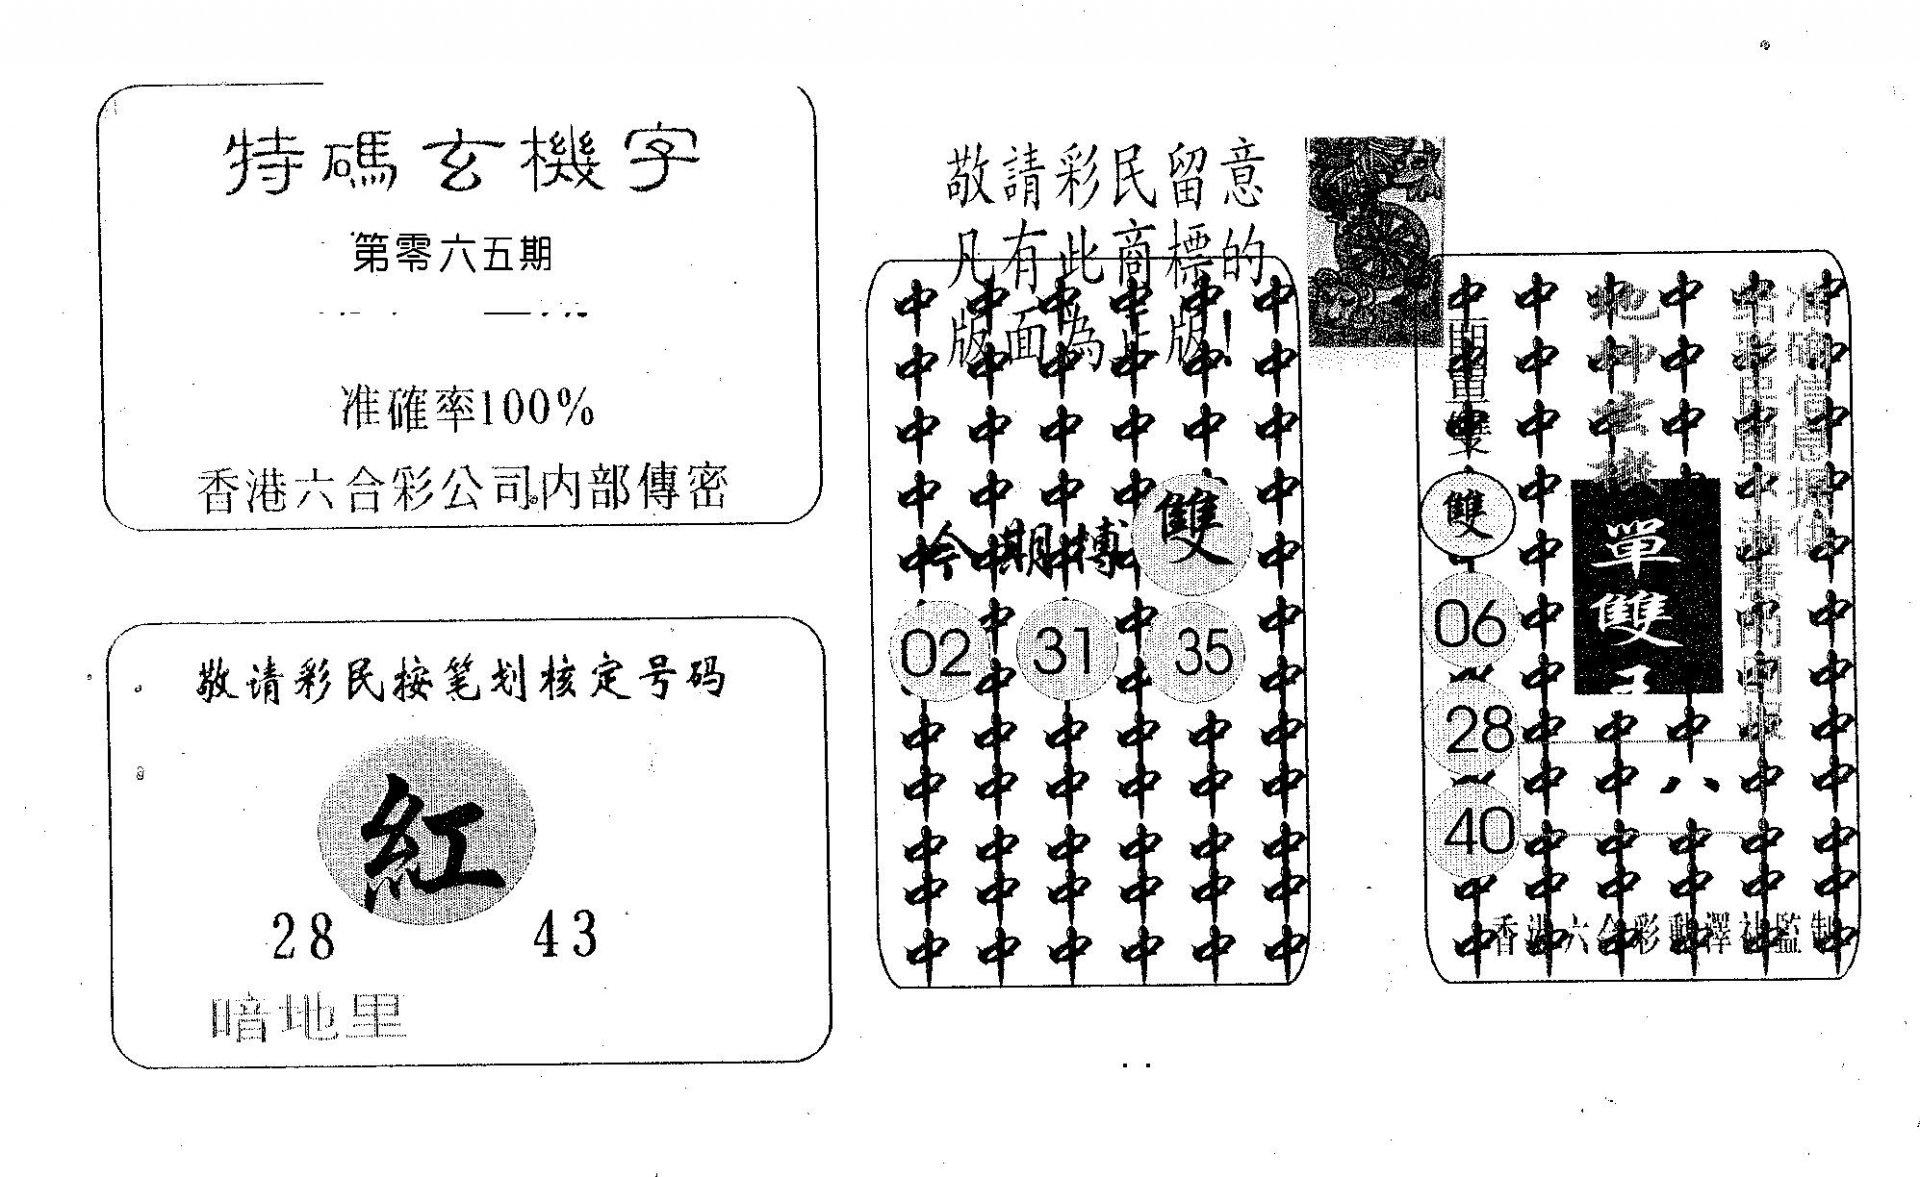 065期特码玄机字(黑白)